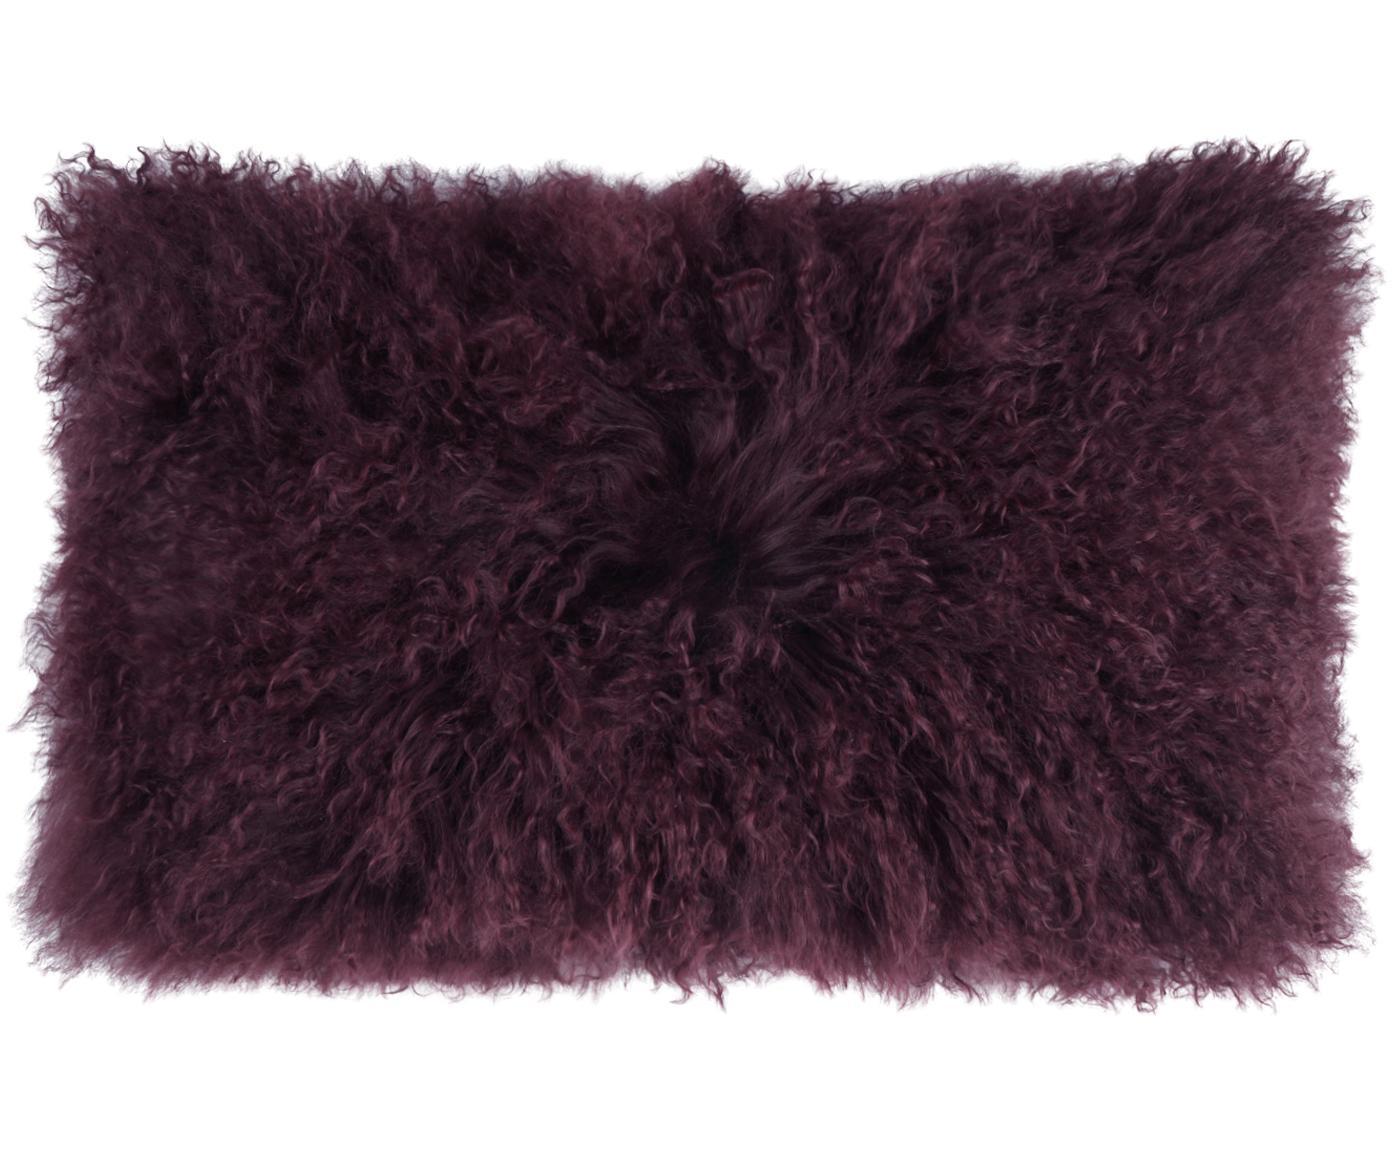 Poszewka na poduszkę ze skóry jagnięcej o długim włosiu Ella, Ciemny czerwony, S 30 x D 50 cm